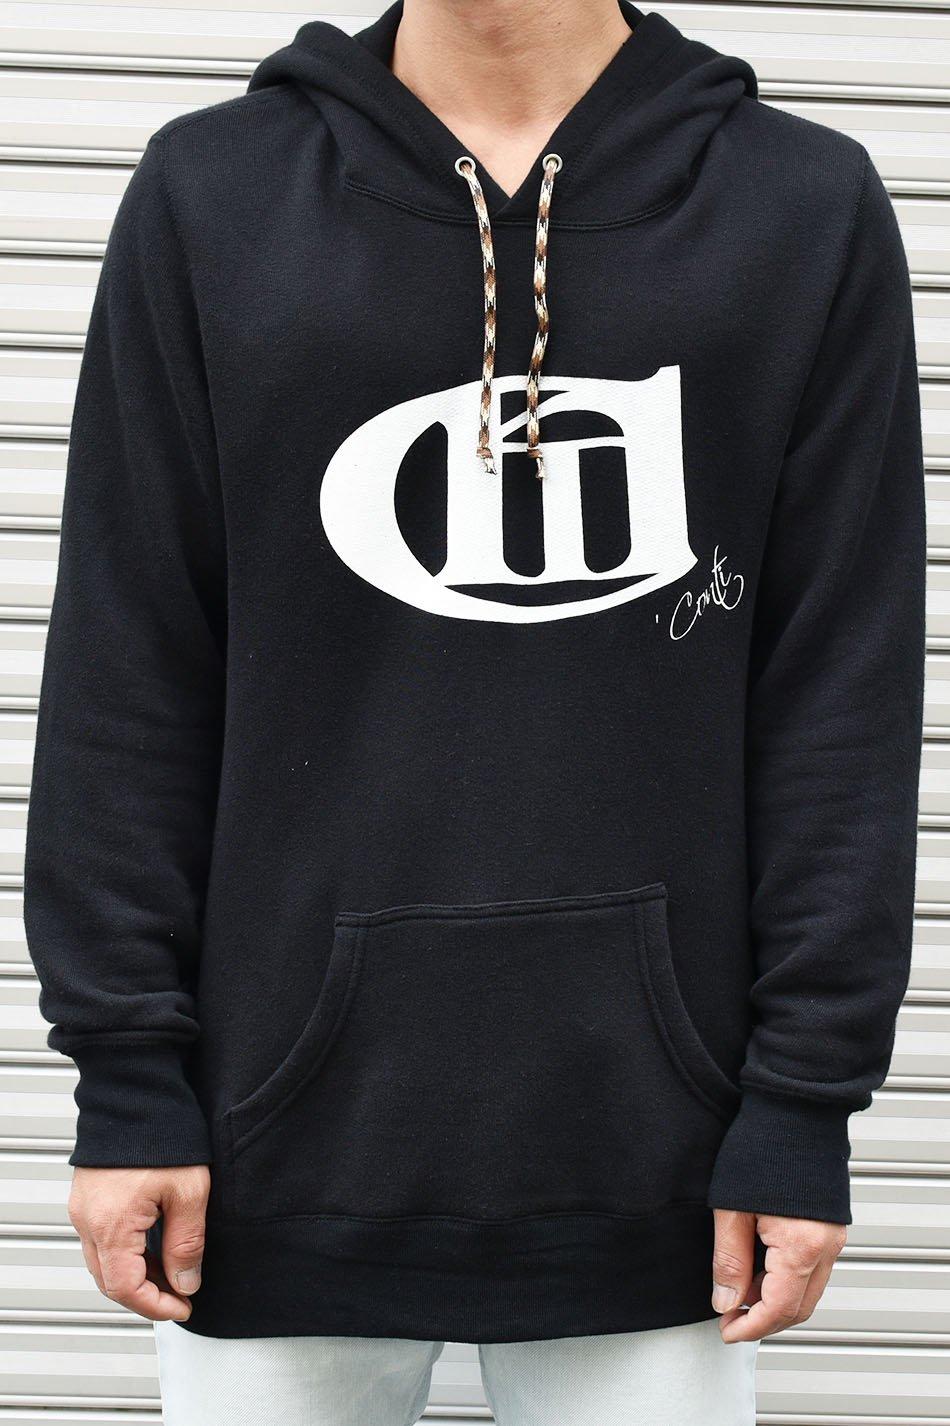 'Conti(コンマコンティ)Logo Print Hoodie / ブラック